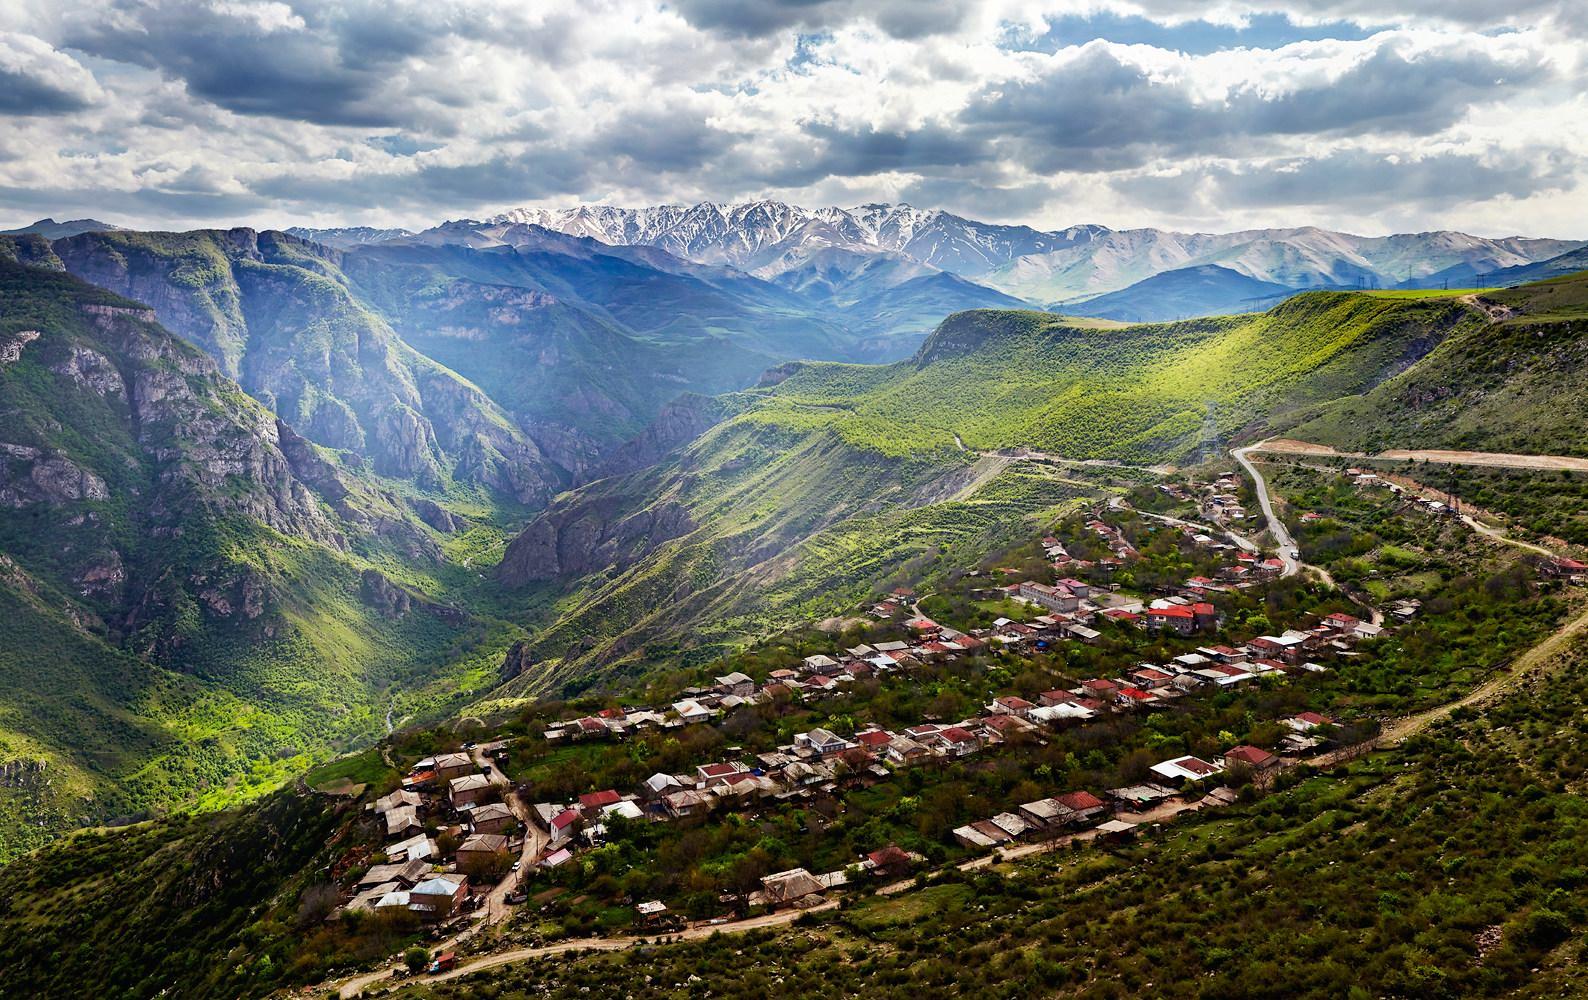 цветок картинки красивые армения здесь